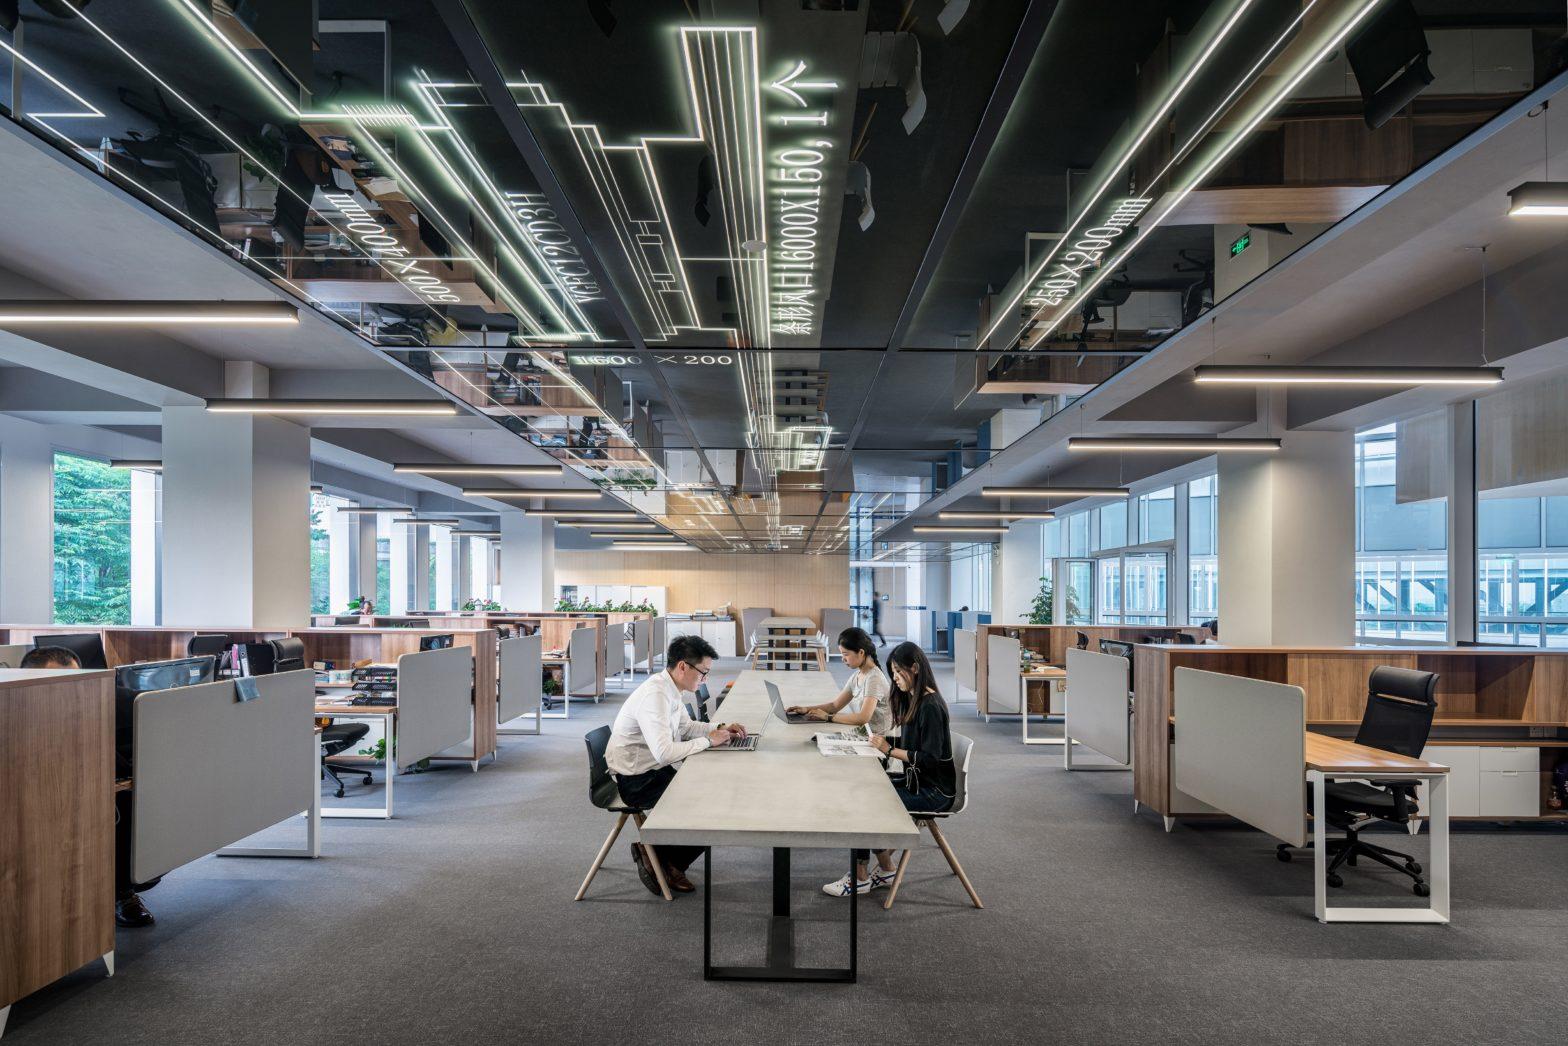 Dispositivos Iot e a Gestão de Ambientes de Trabalho